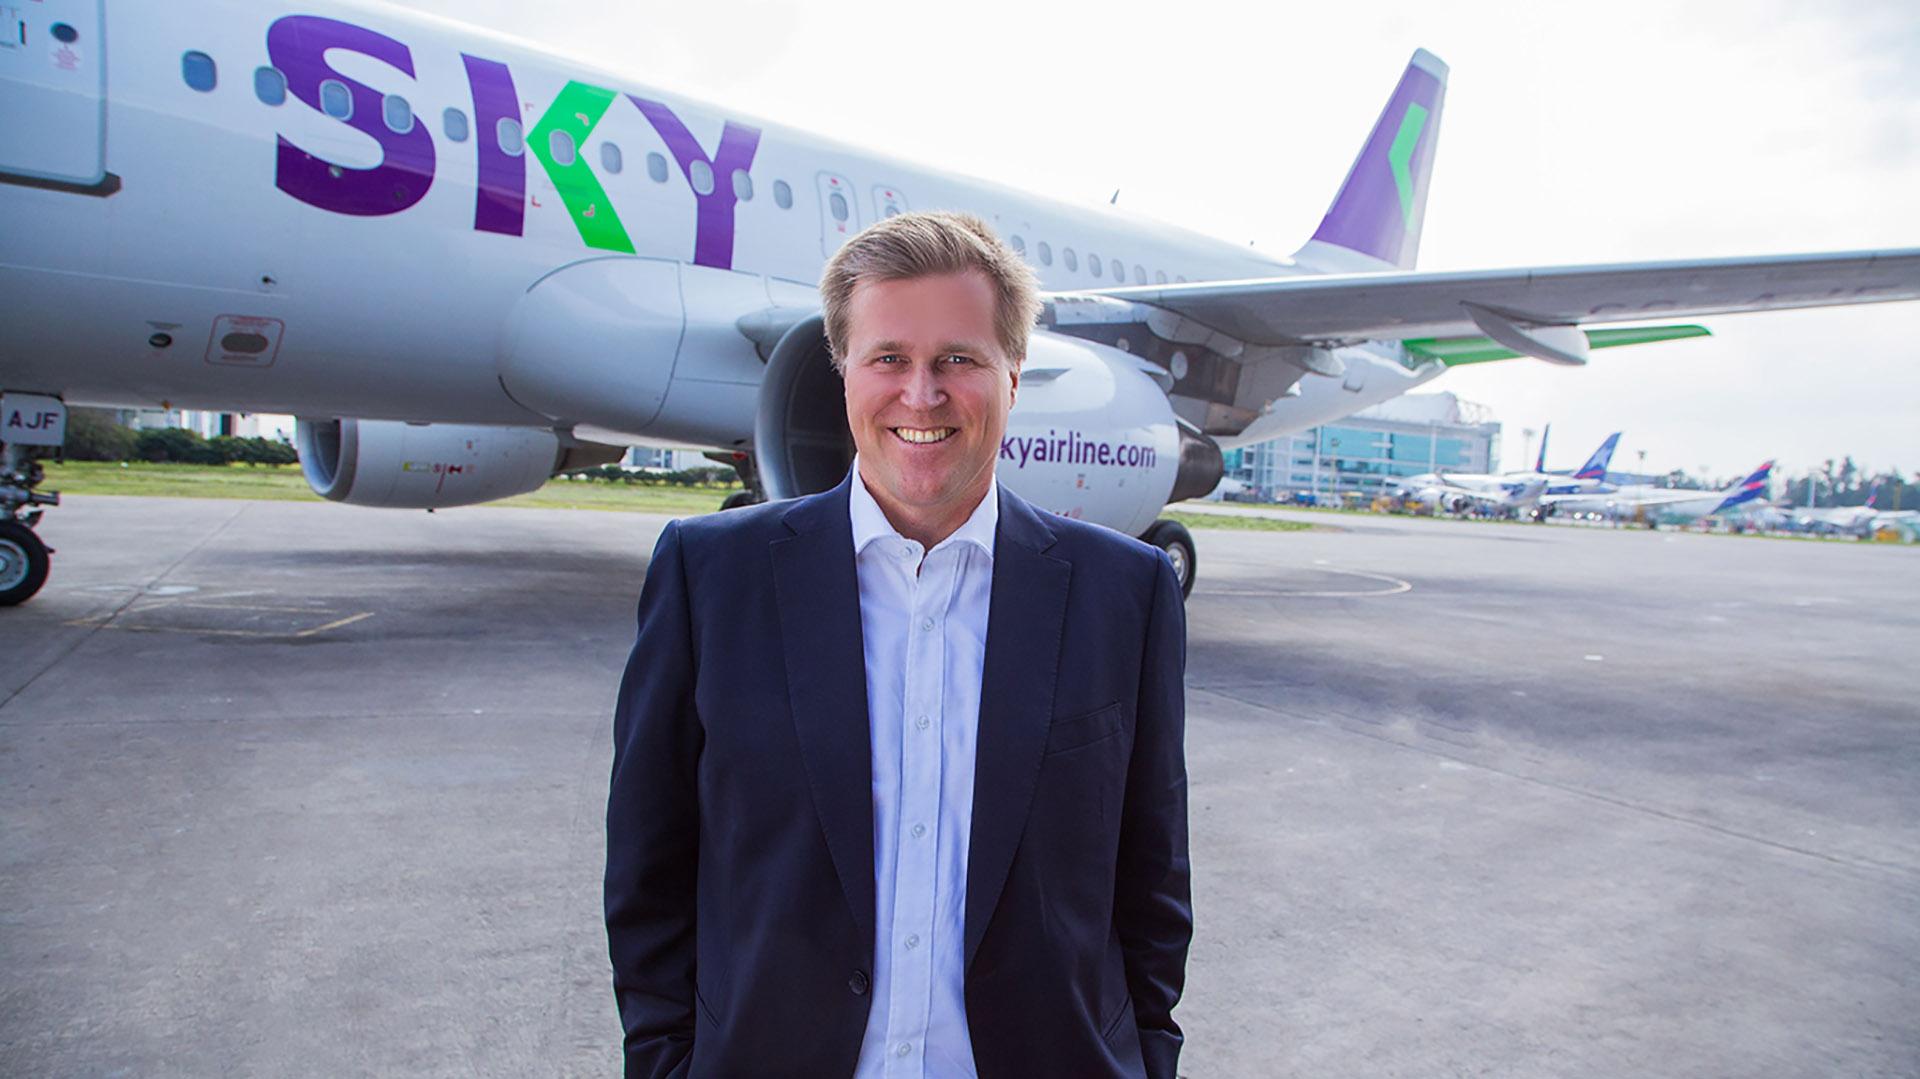 El CEO de SKY, Holger Paulmann.